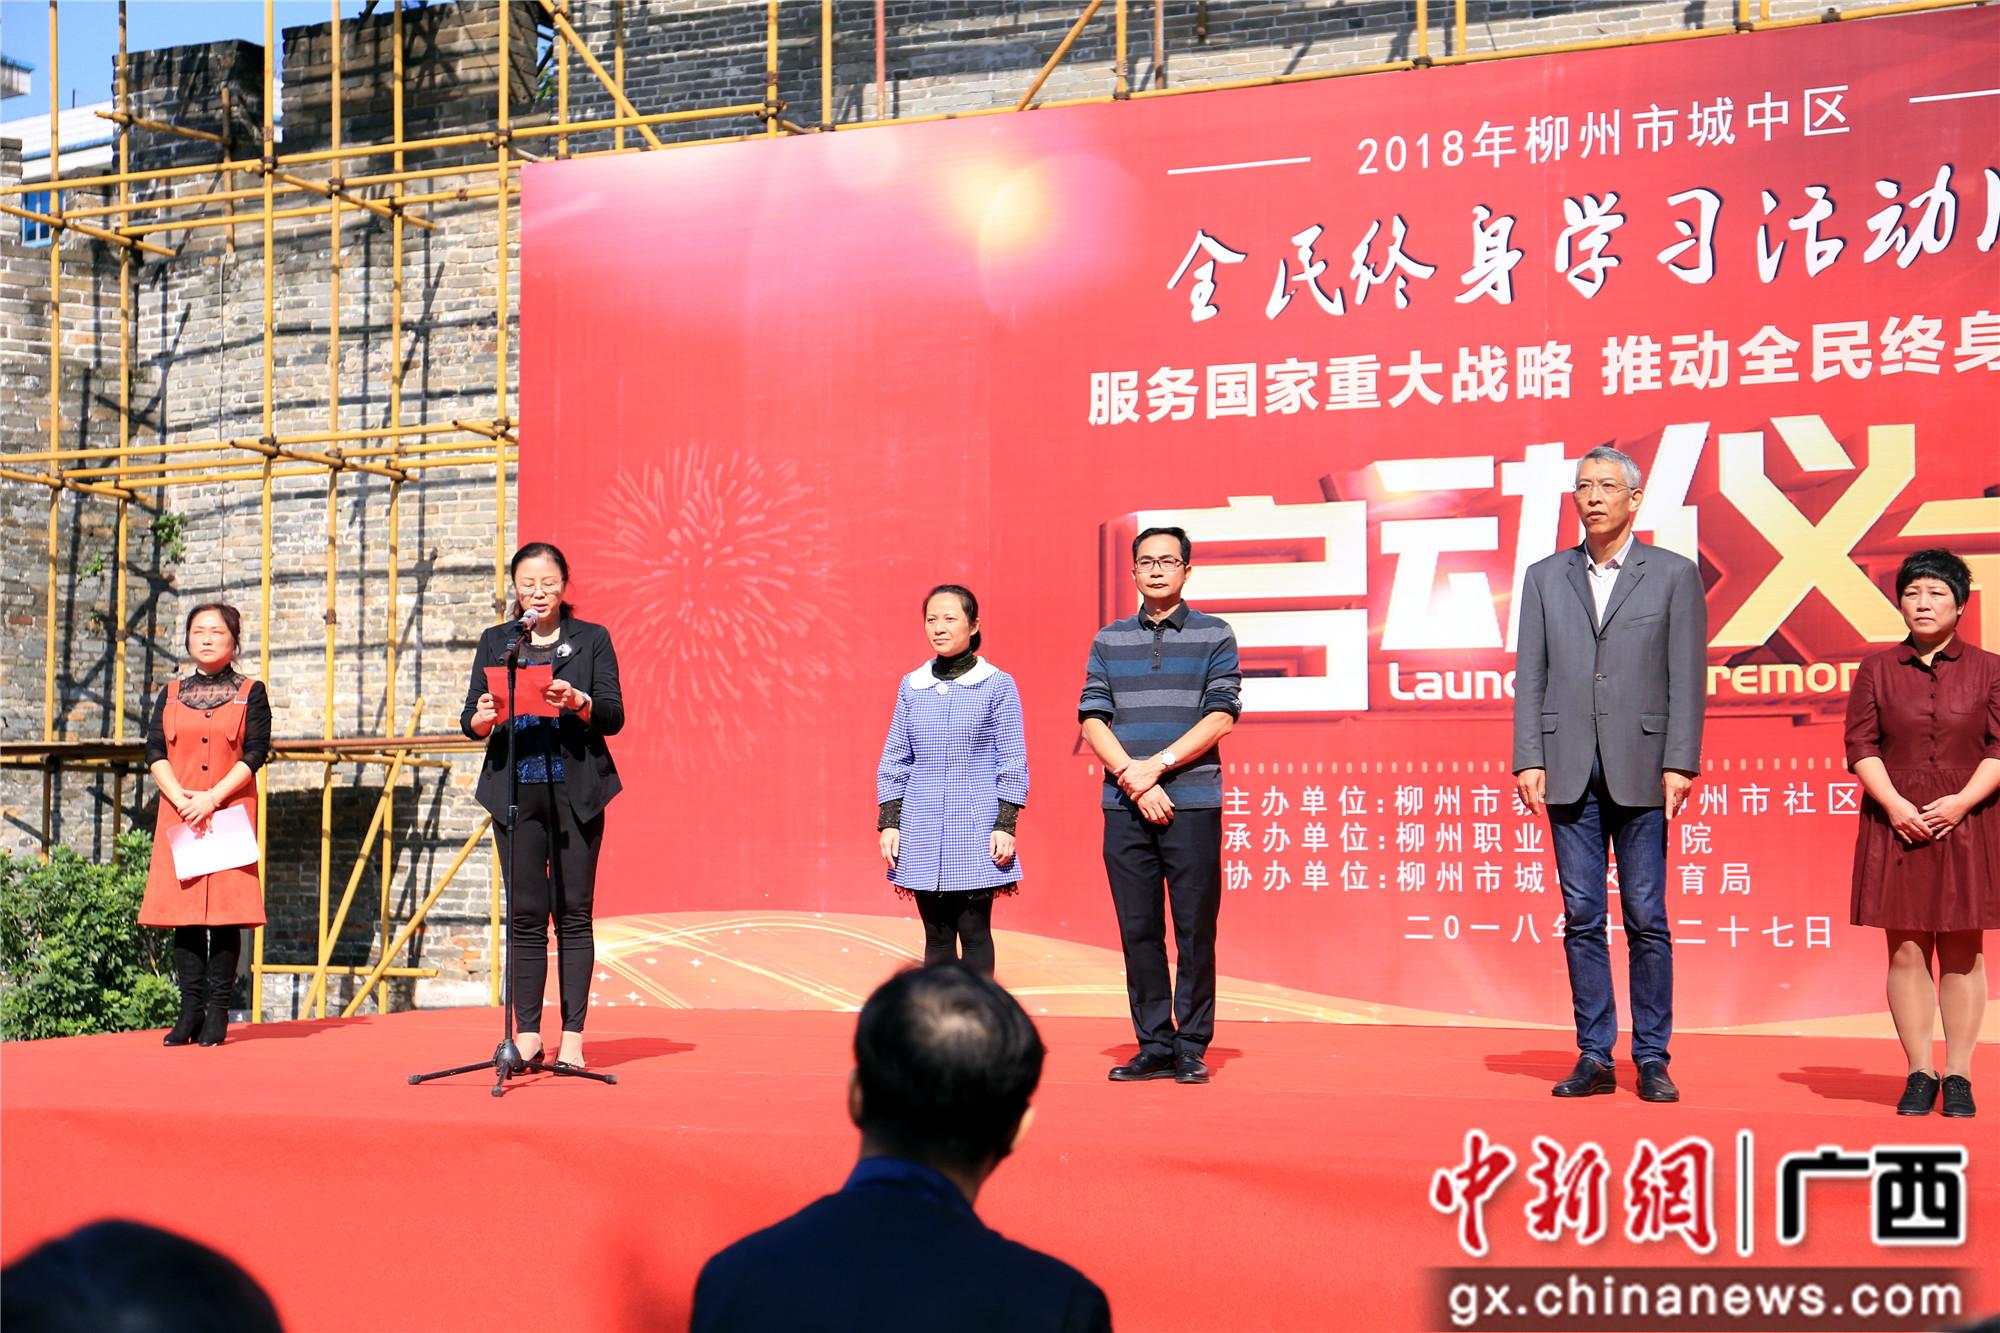 柳州市全民终身学习周正式启动